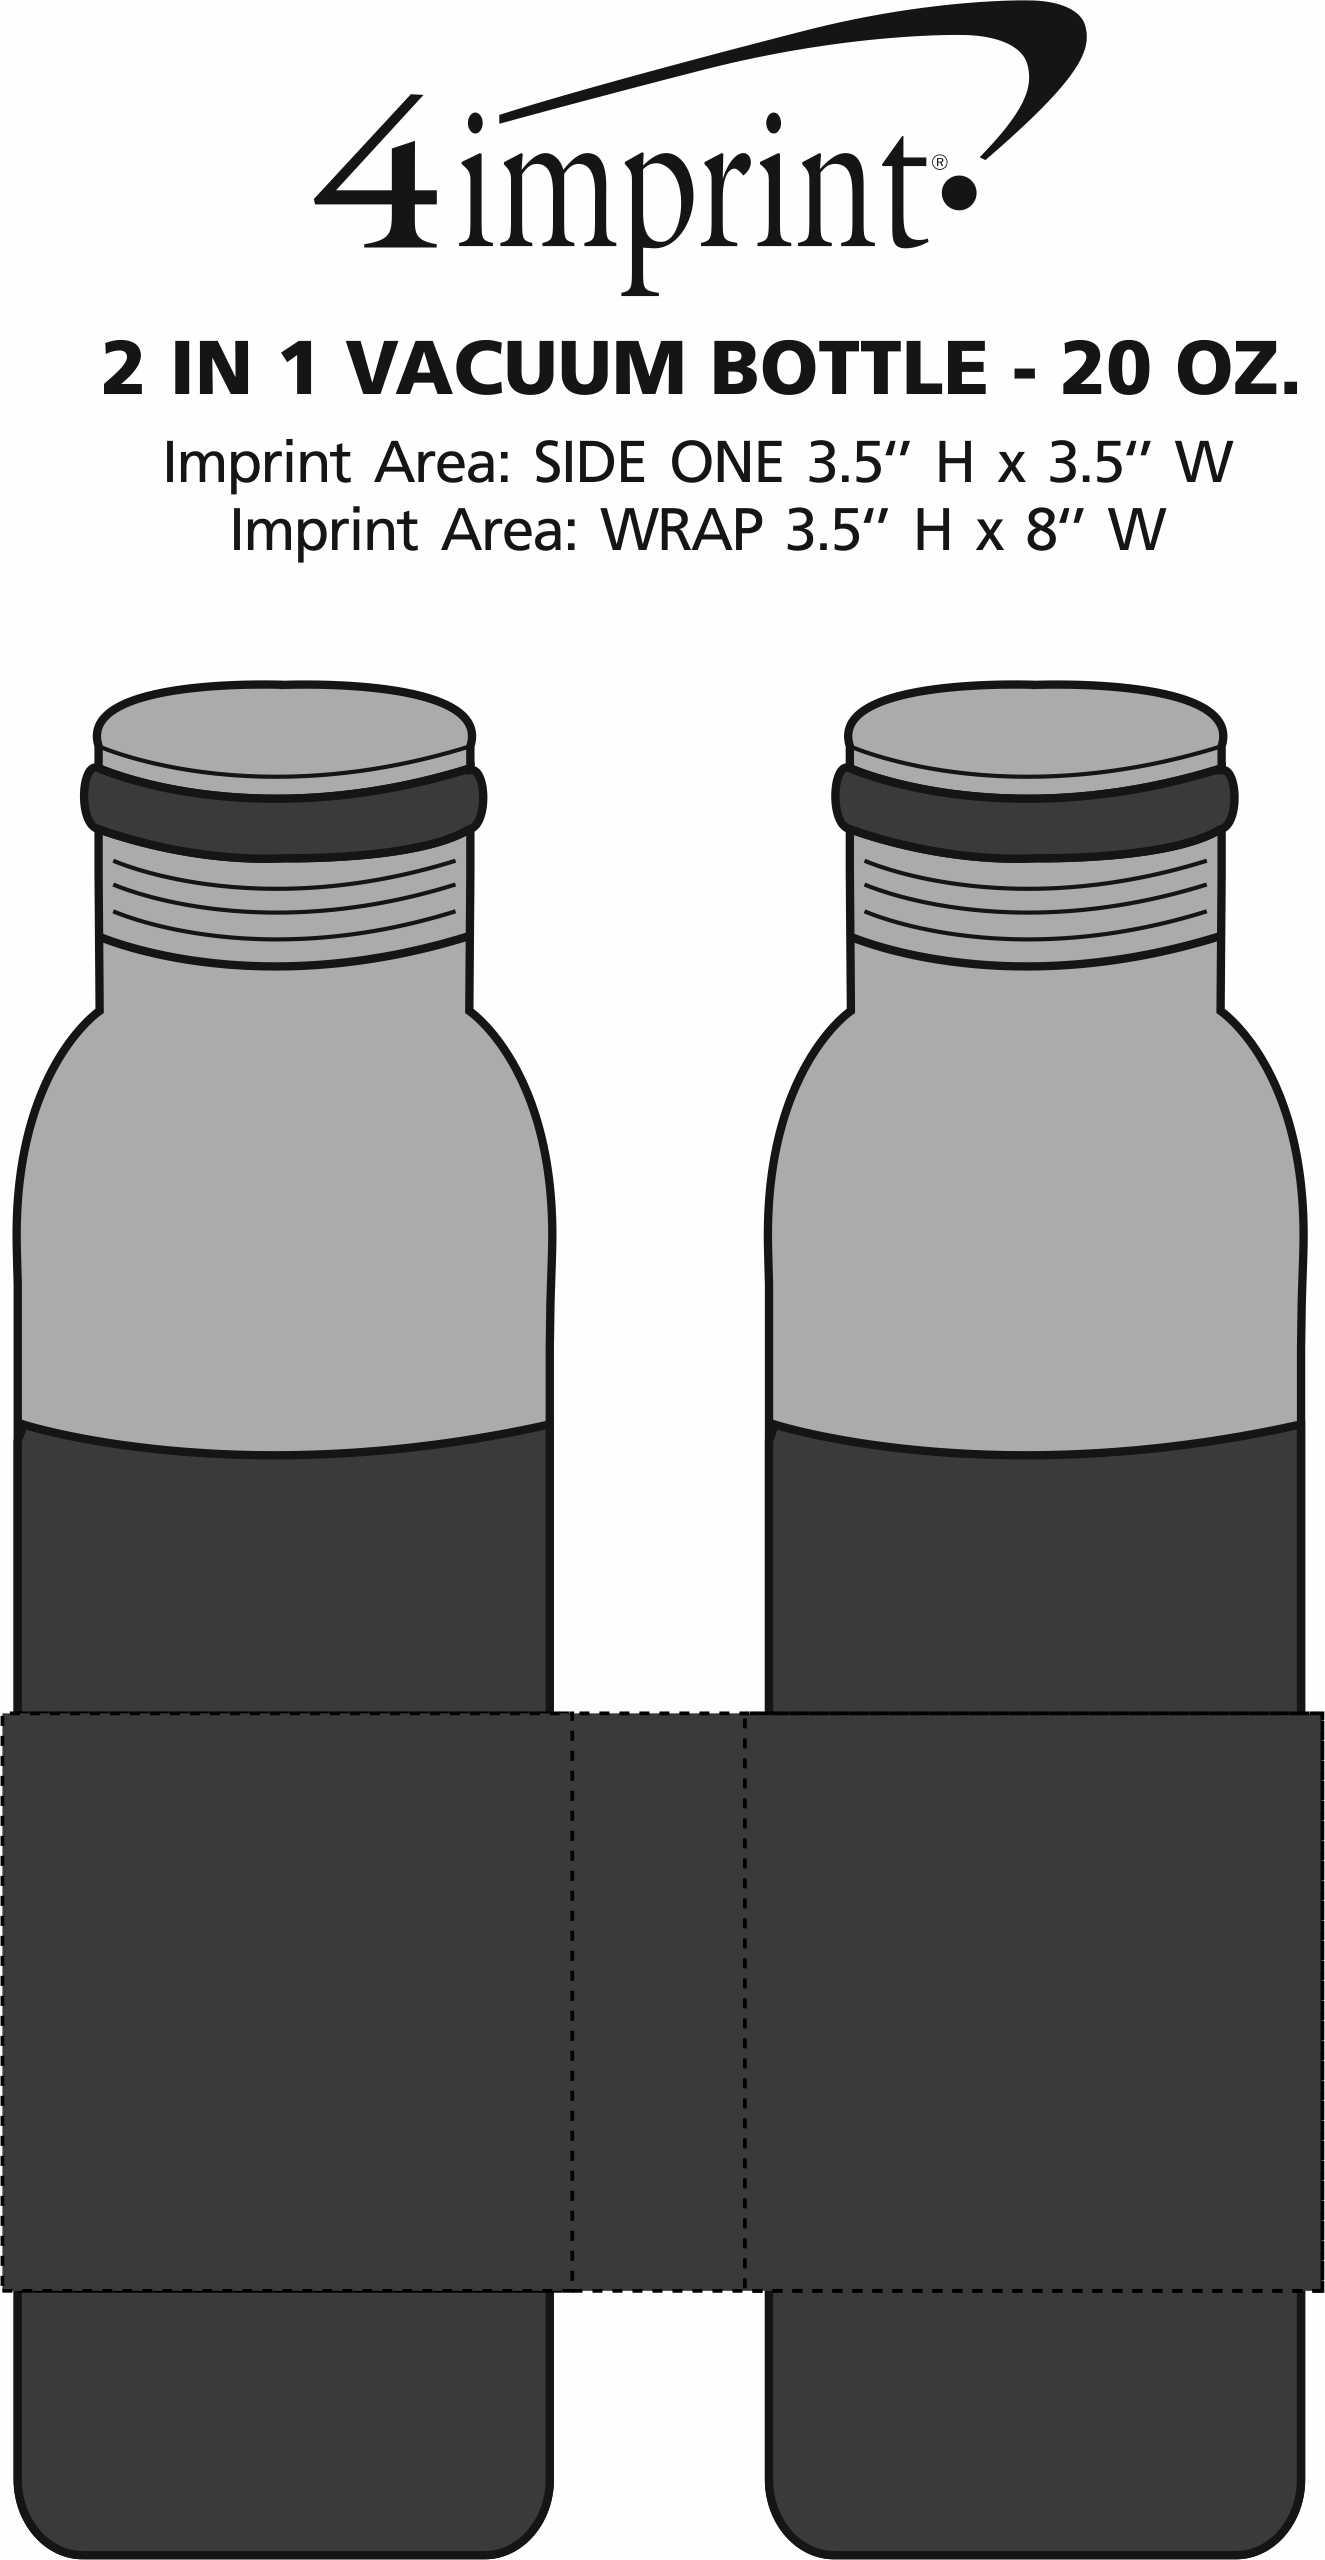 Imprint Area of 2-in-1 Vacuum Bottle - 20 oz.